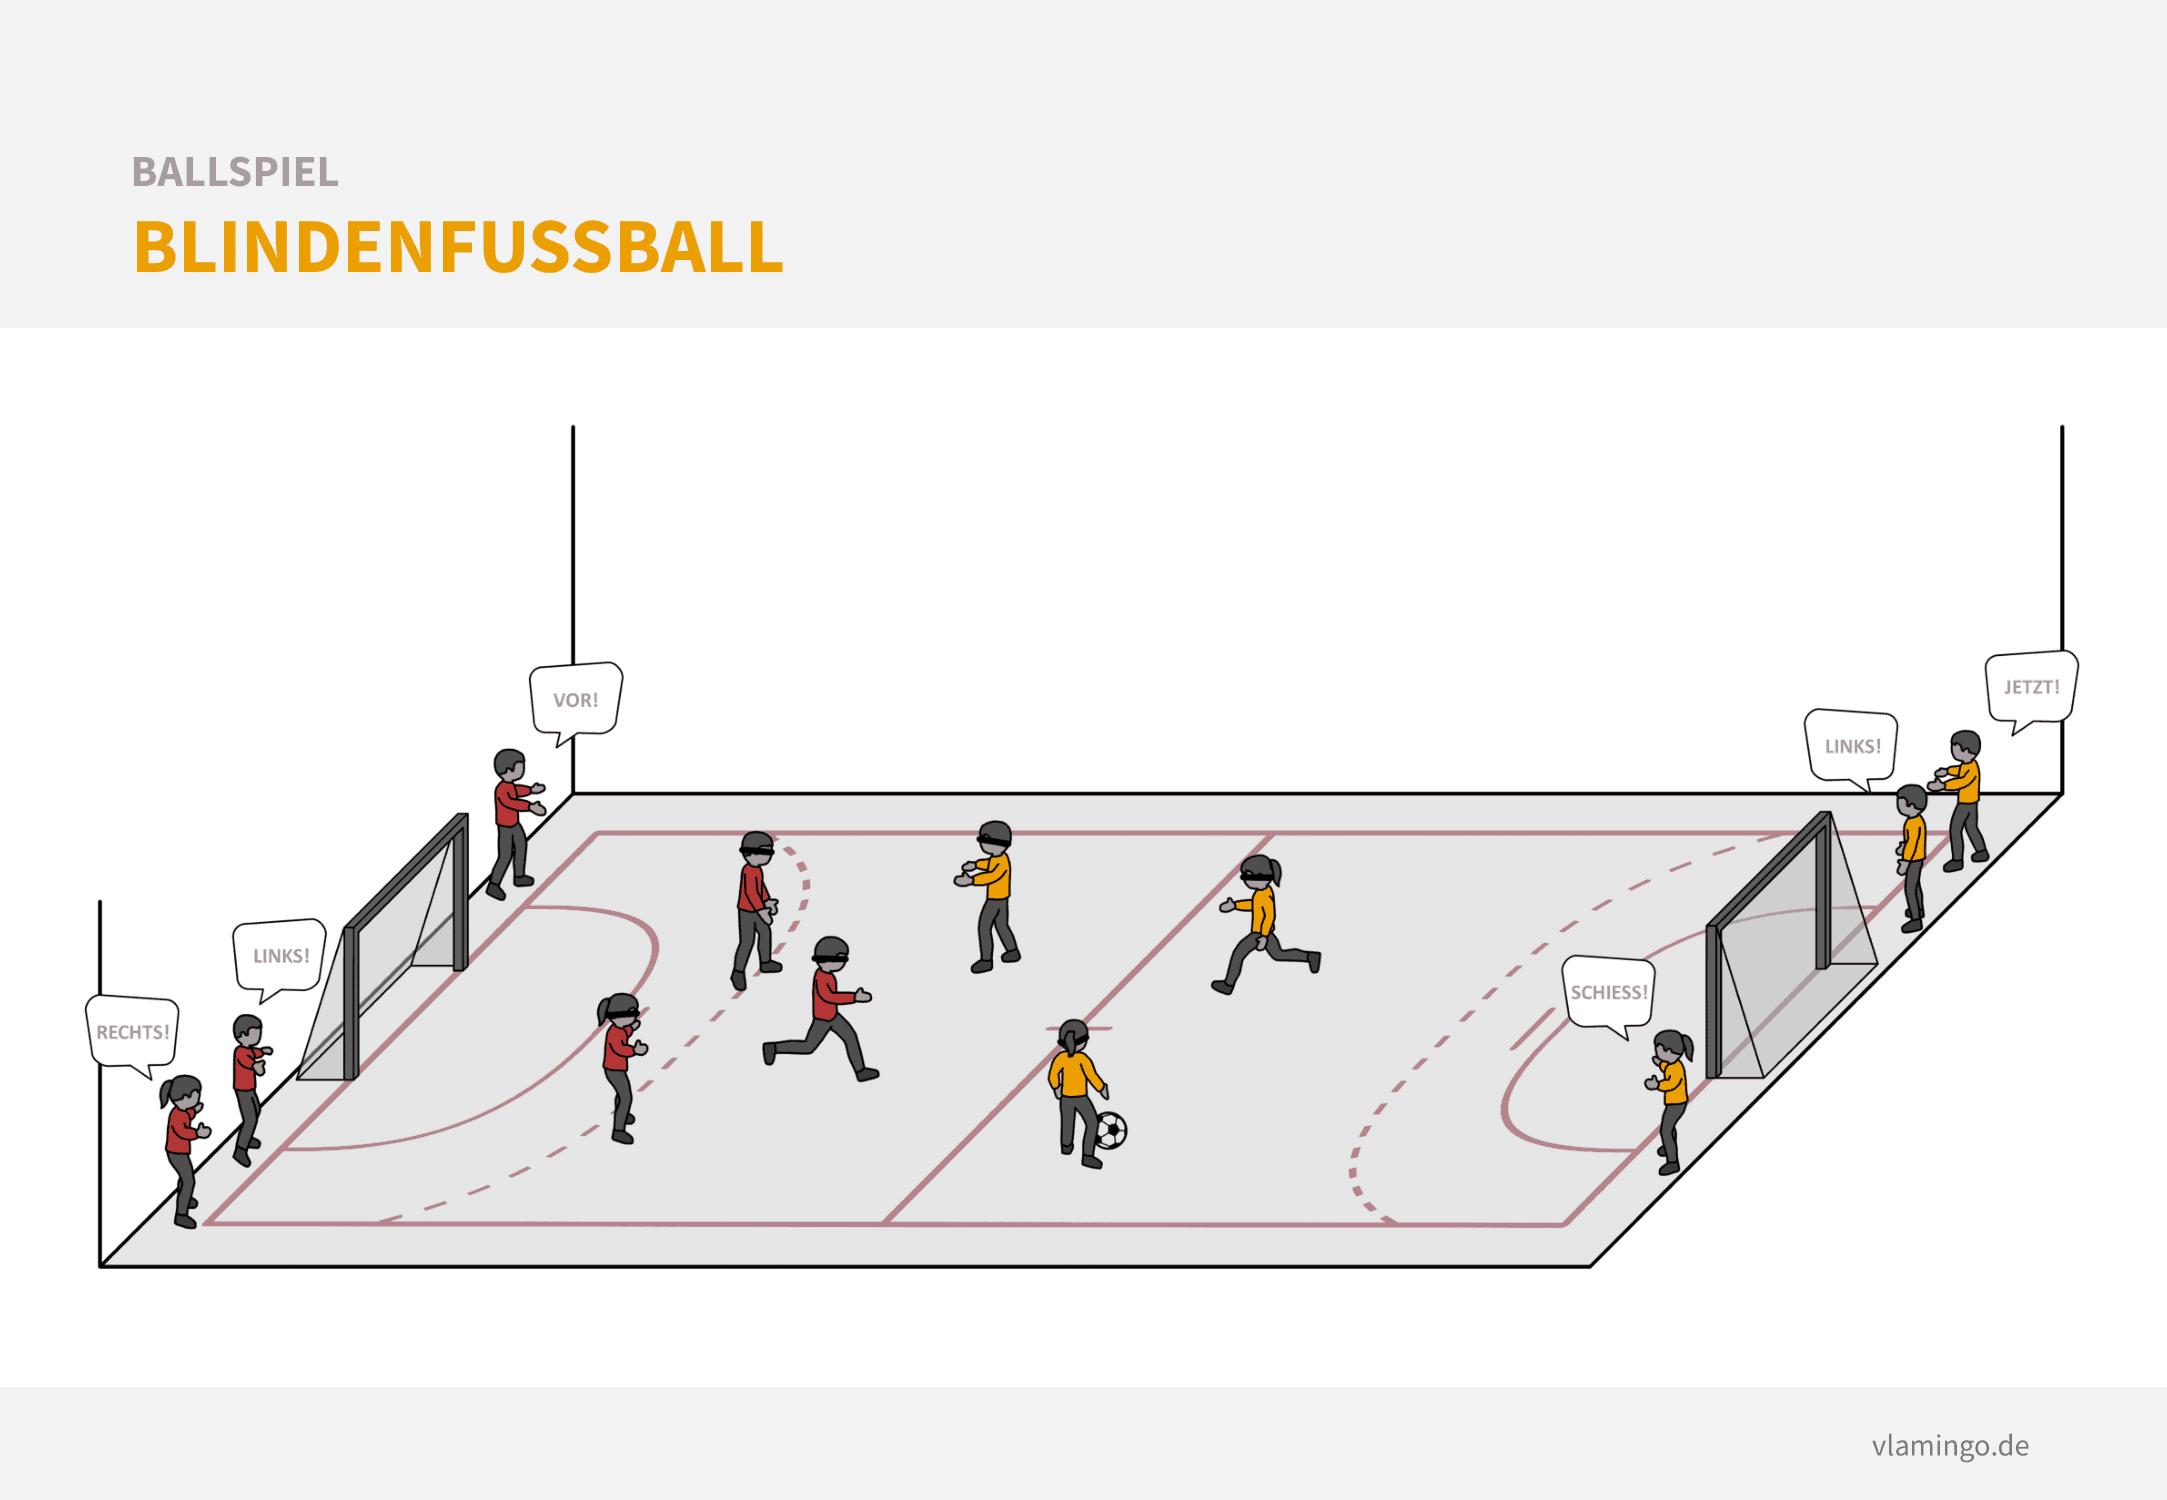 Ballspiel: Blindenfußball